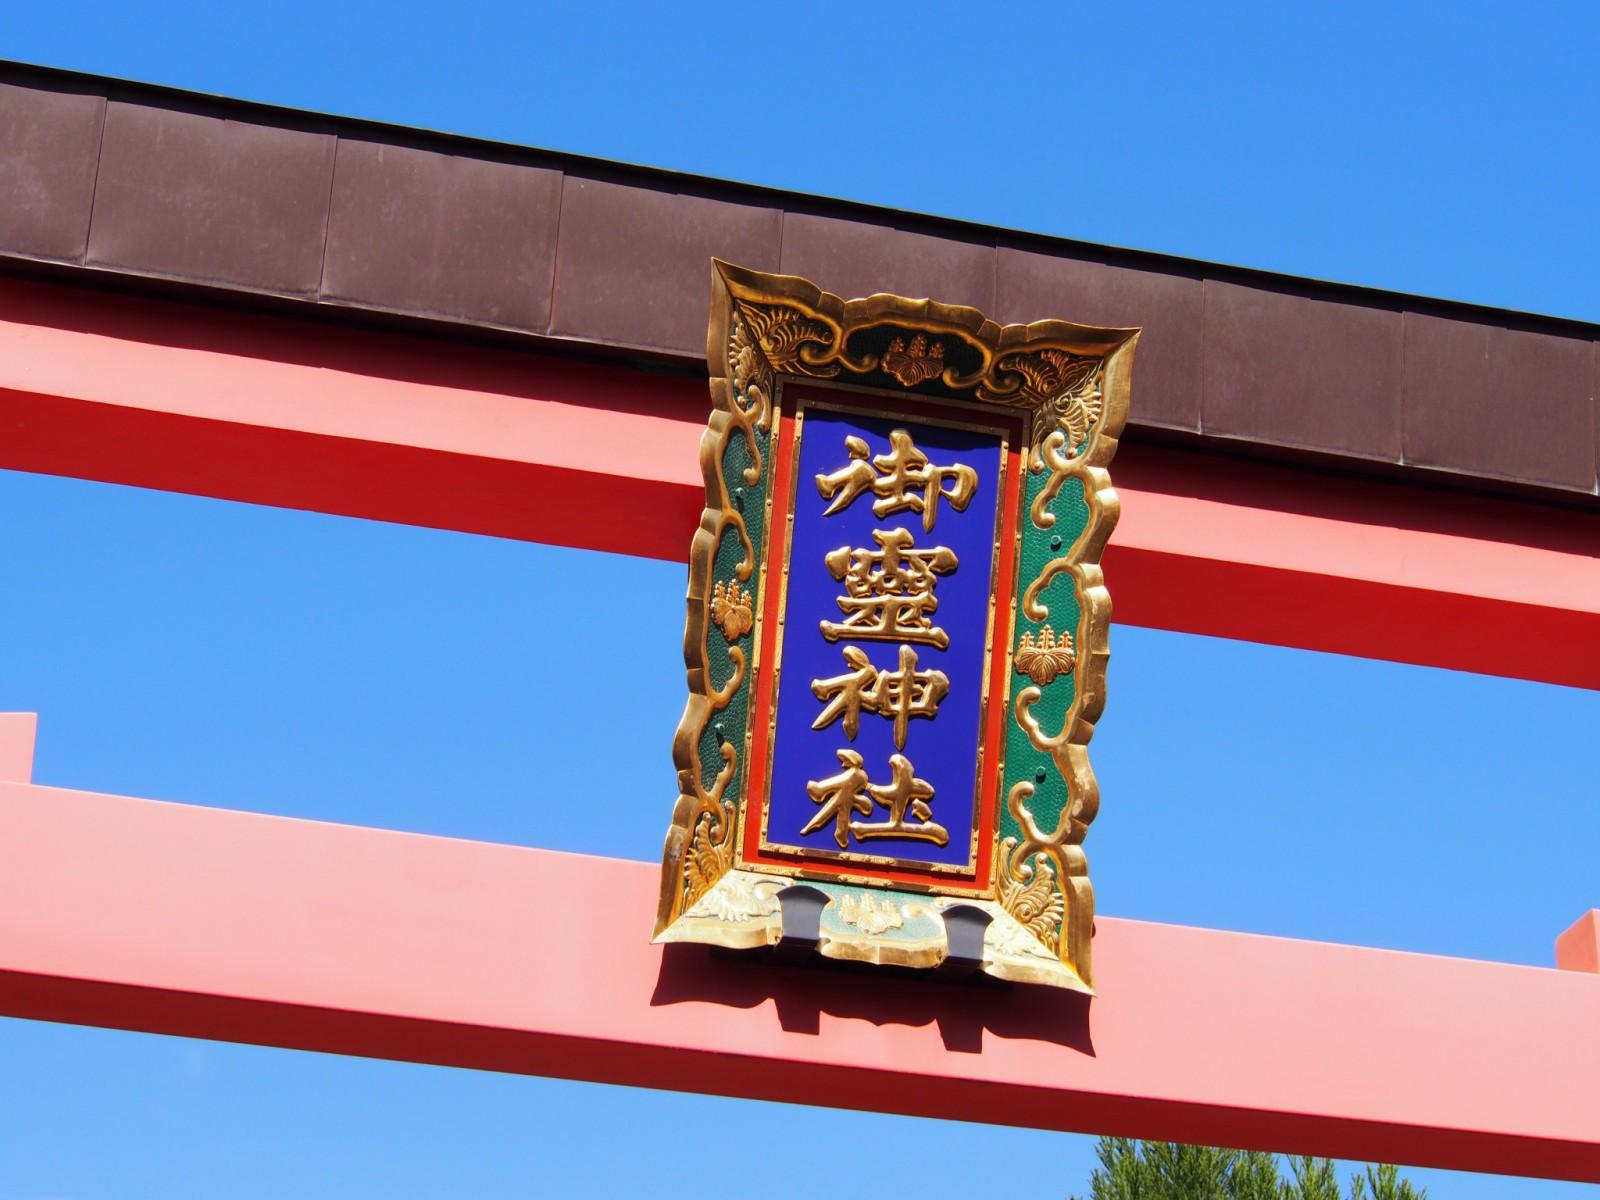 御霊神社の扁額